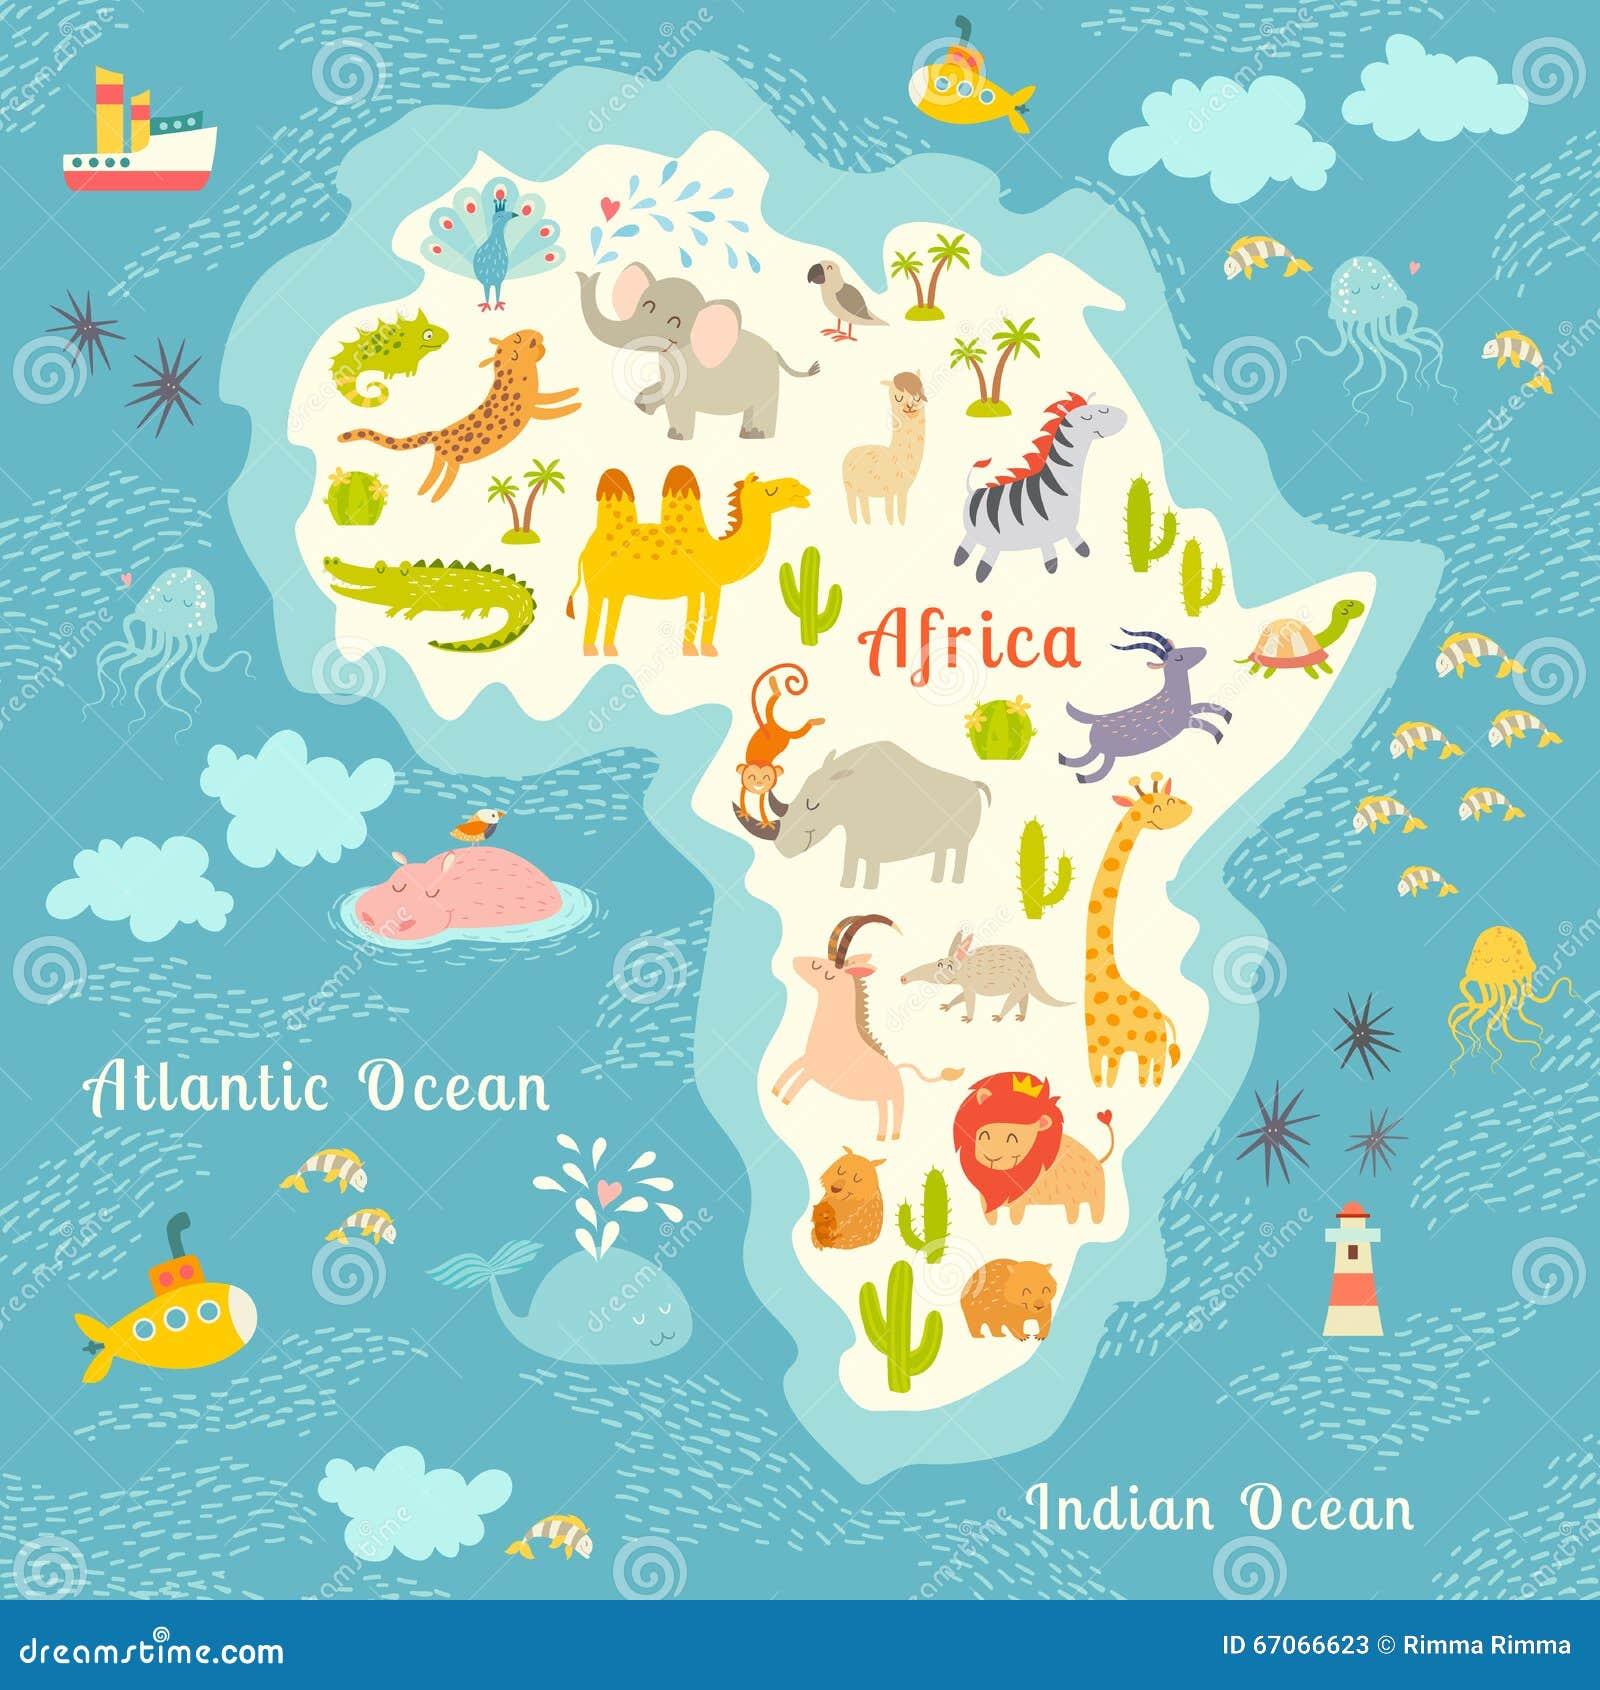 Картинки африка карта